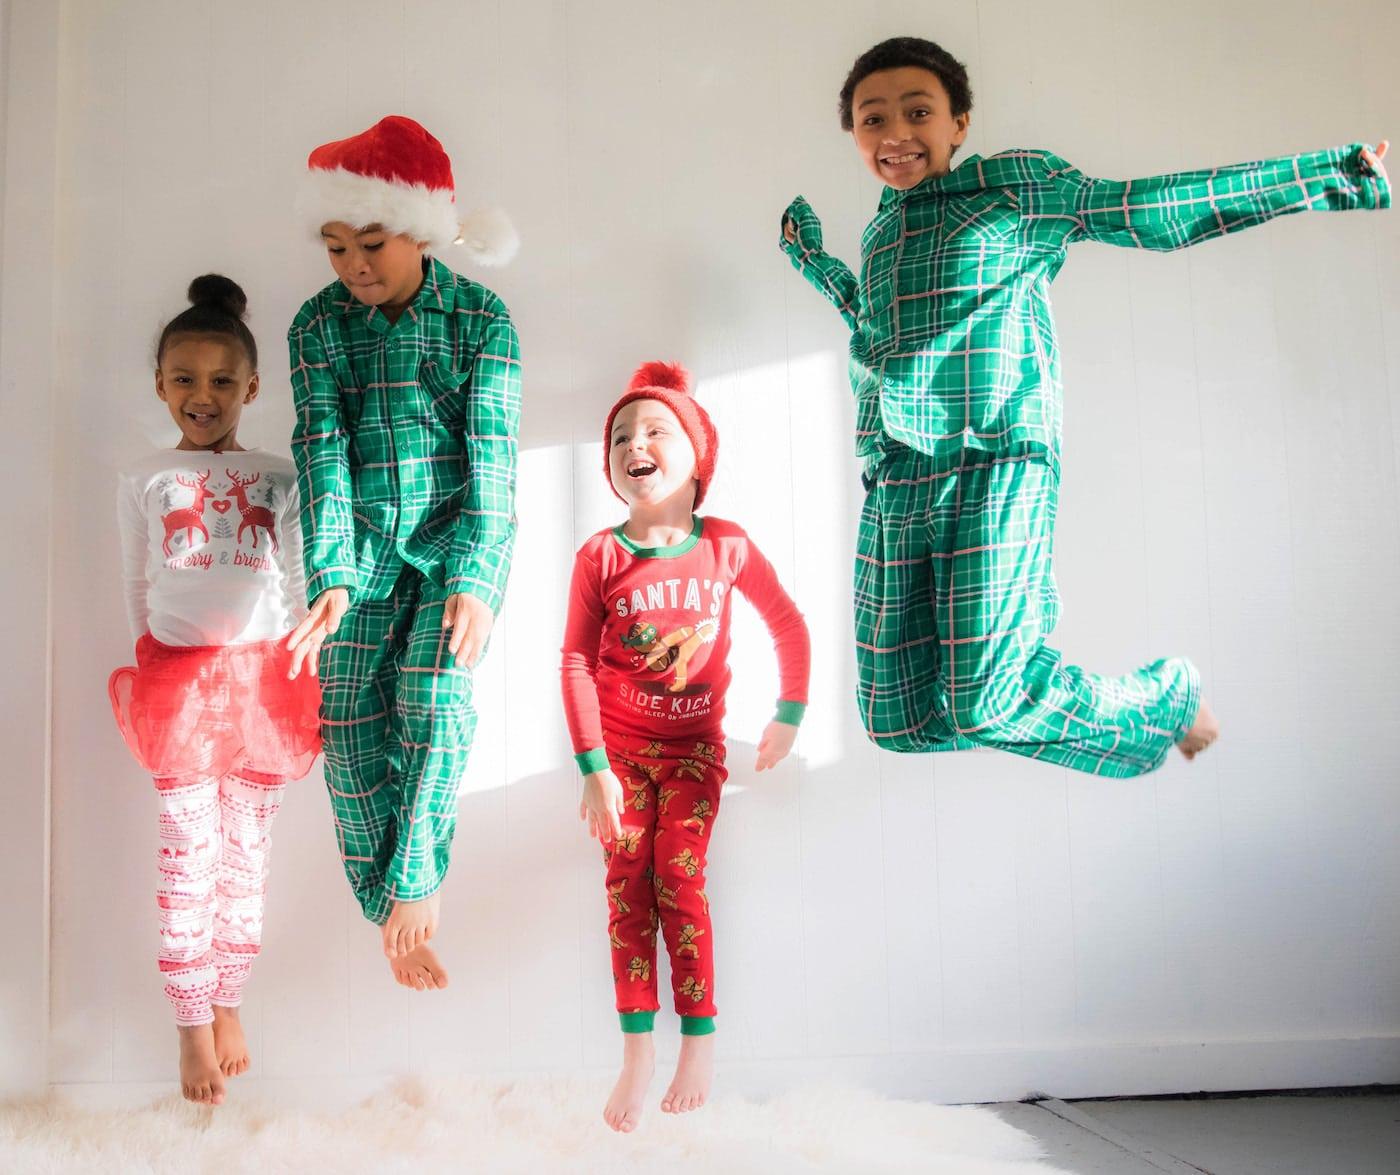 Springende Kinder zur Weihnachtszeit // HIMBEER